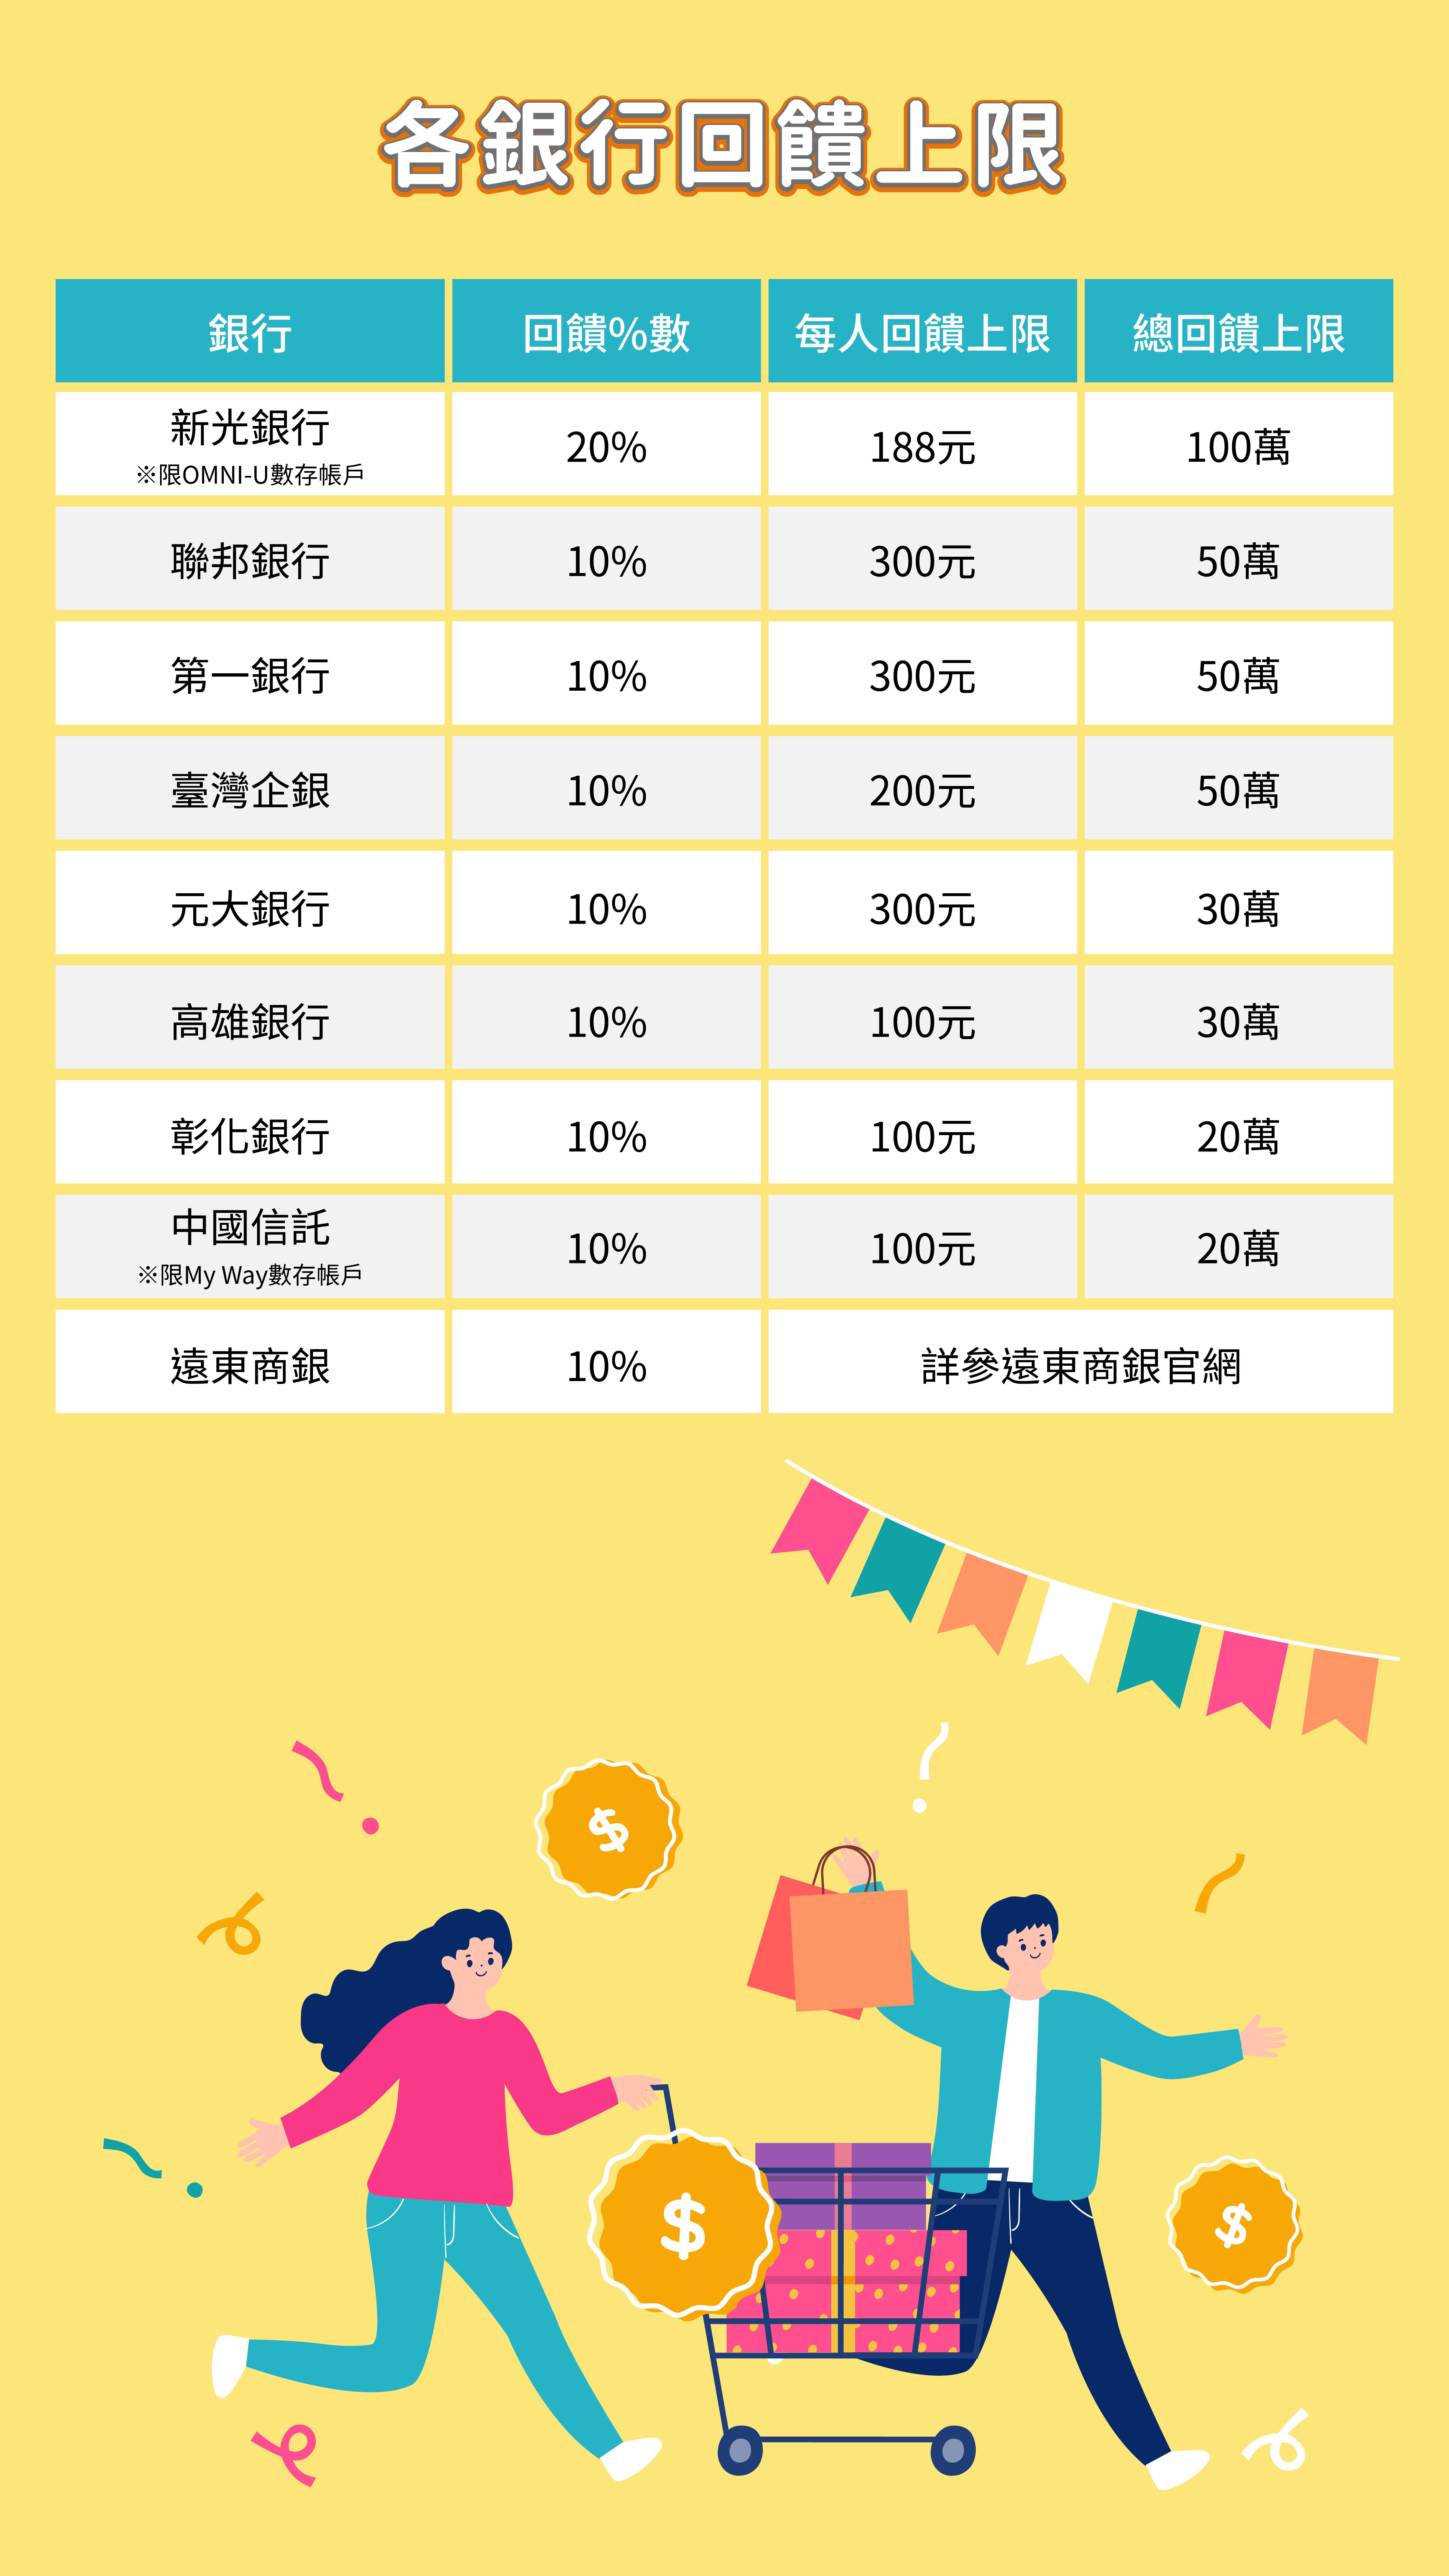 圖2_LINE Pay Money連結指定銀行帳戶不限通路消費享10%回饋_銀行回饋列表